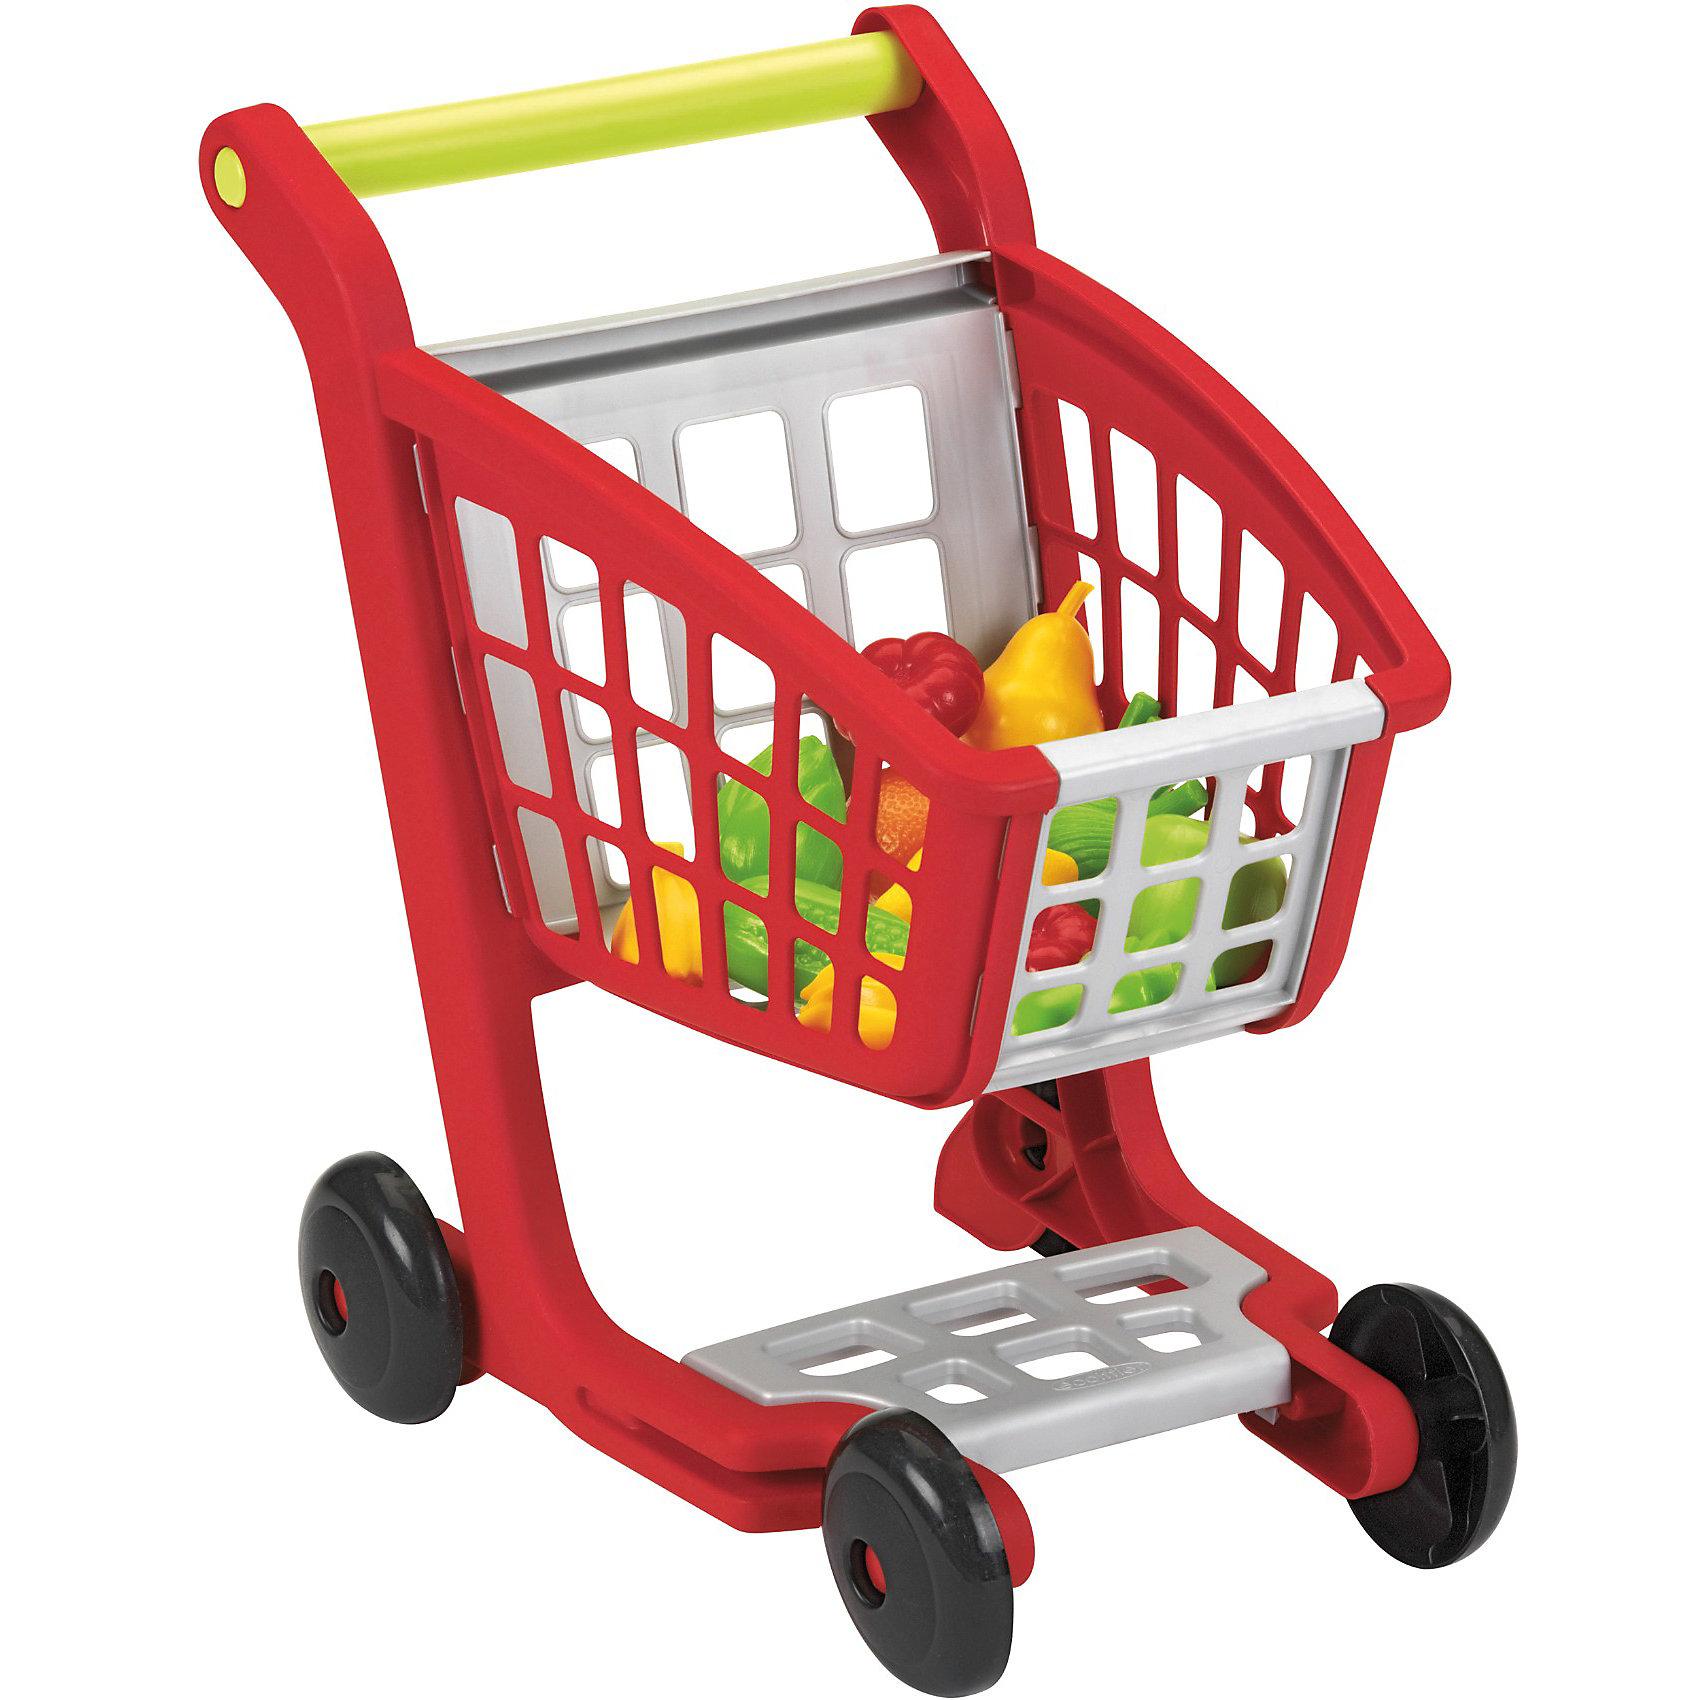 Тележка с продуктами, EcoiffierСюжетно-ролевые игры<br>Реалистичная тележка для покупок. Яркая тележка для покупок достаточно большая, чтобы вместить все покупки. Игрушка прекрасно подойдет для сюжетно-ролевых игр.<br><br>Дополнительная информация:<br><br>- В наборе фрукты и овощи: апельсин, яблоко, груша, кукуруза, 2 помидора, лук, 2 грозди бананов, лимон, папайя, сельдерей. <br>- Размеры (д/ш/в): 41,5 x 29,5 x 41,5 см.<br>- Материал: высококачественная пластмасса.<br><br>Ecoiffier Тележку с продуктами можно купить в нашем магазине.<br><br>Ширина мм: 496<br>Глубина мм: 365<br>Высота мм: 114<br>Вес г: 910<br>Возраст от месяцев: 12<br>Возраст до месяцев: 60<br>Пол: Унисекс<br>Возраст: Детский<br>SKU: 1871015